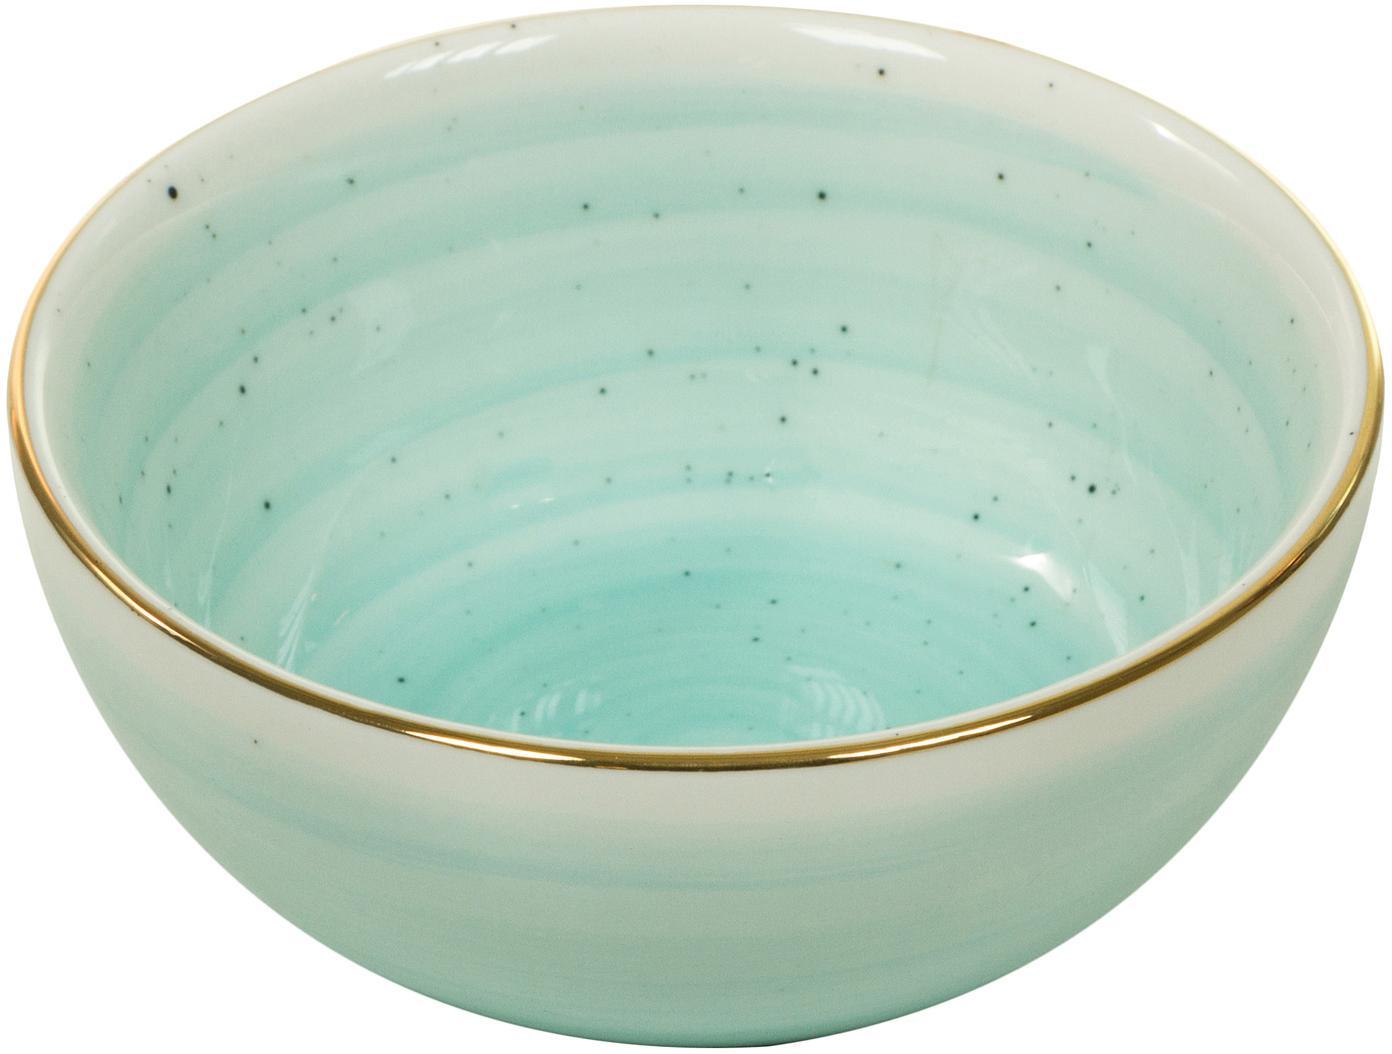 Handgemachte Schälchen Bol mit Goldrand, 2 Stück, Porzellan, Türkisblau, Ø 10 x H 6 cm